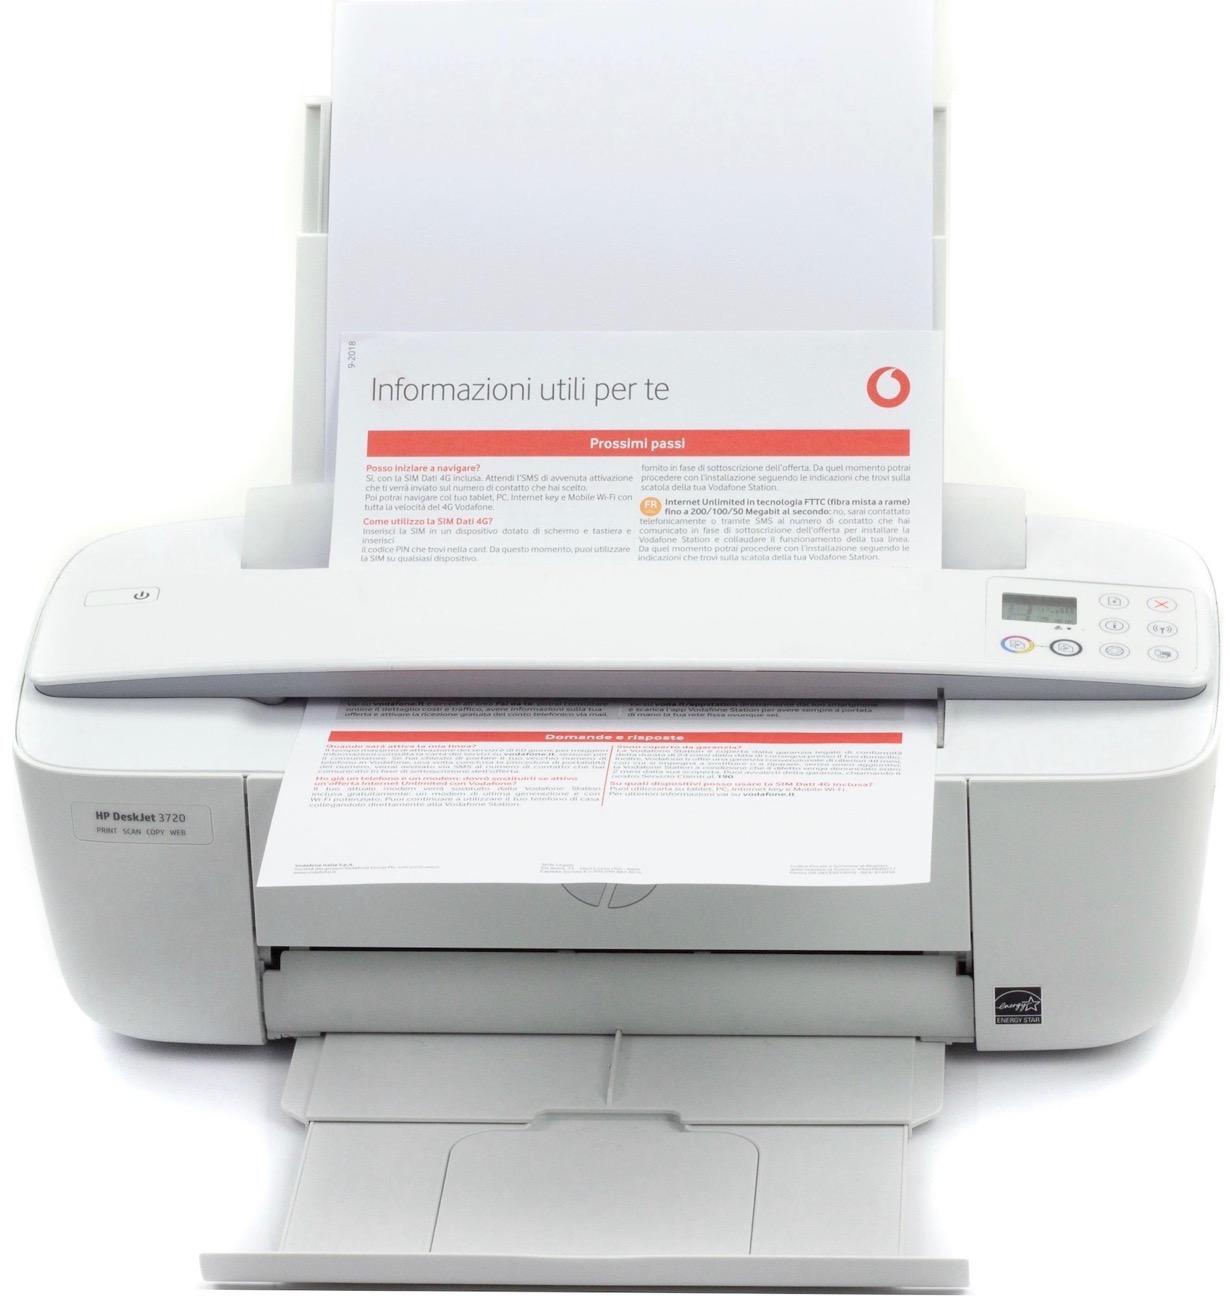 HP DeskJet 3750 scanner